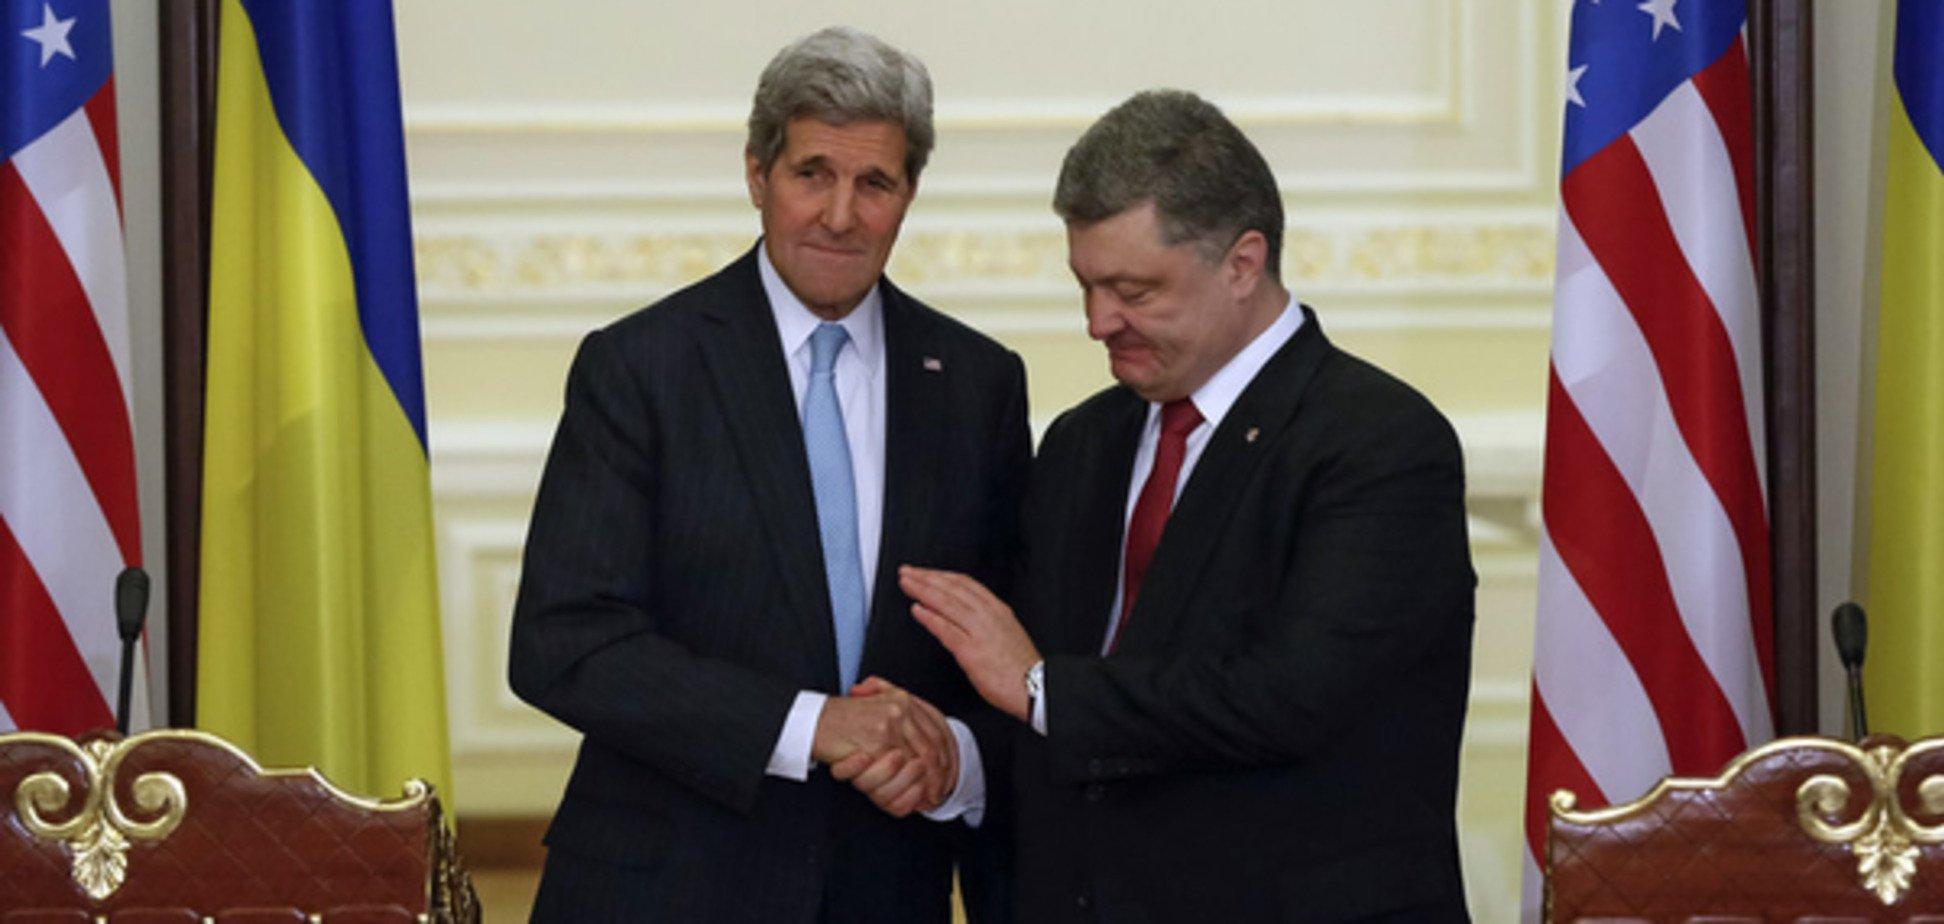 Порошенко обговорив з Керрі ситуацію на Донбасі й санкції проти Росії